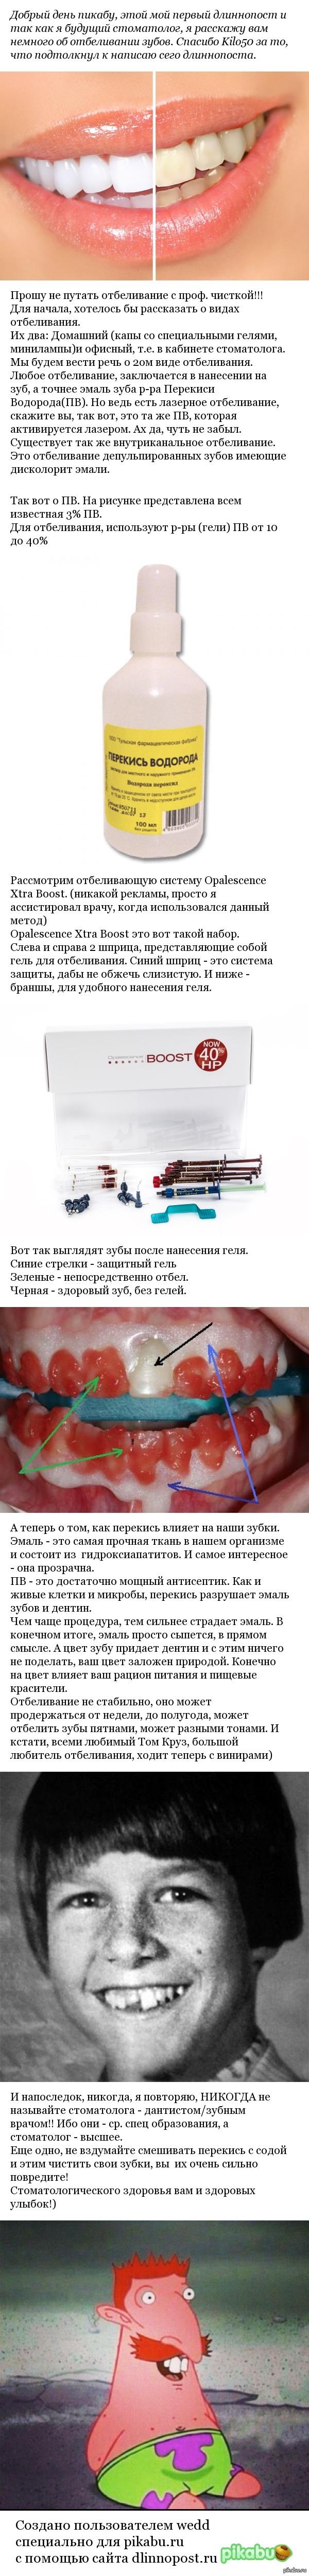 Отбеливание. Как проводится и как влияет на зубы.